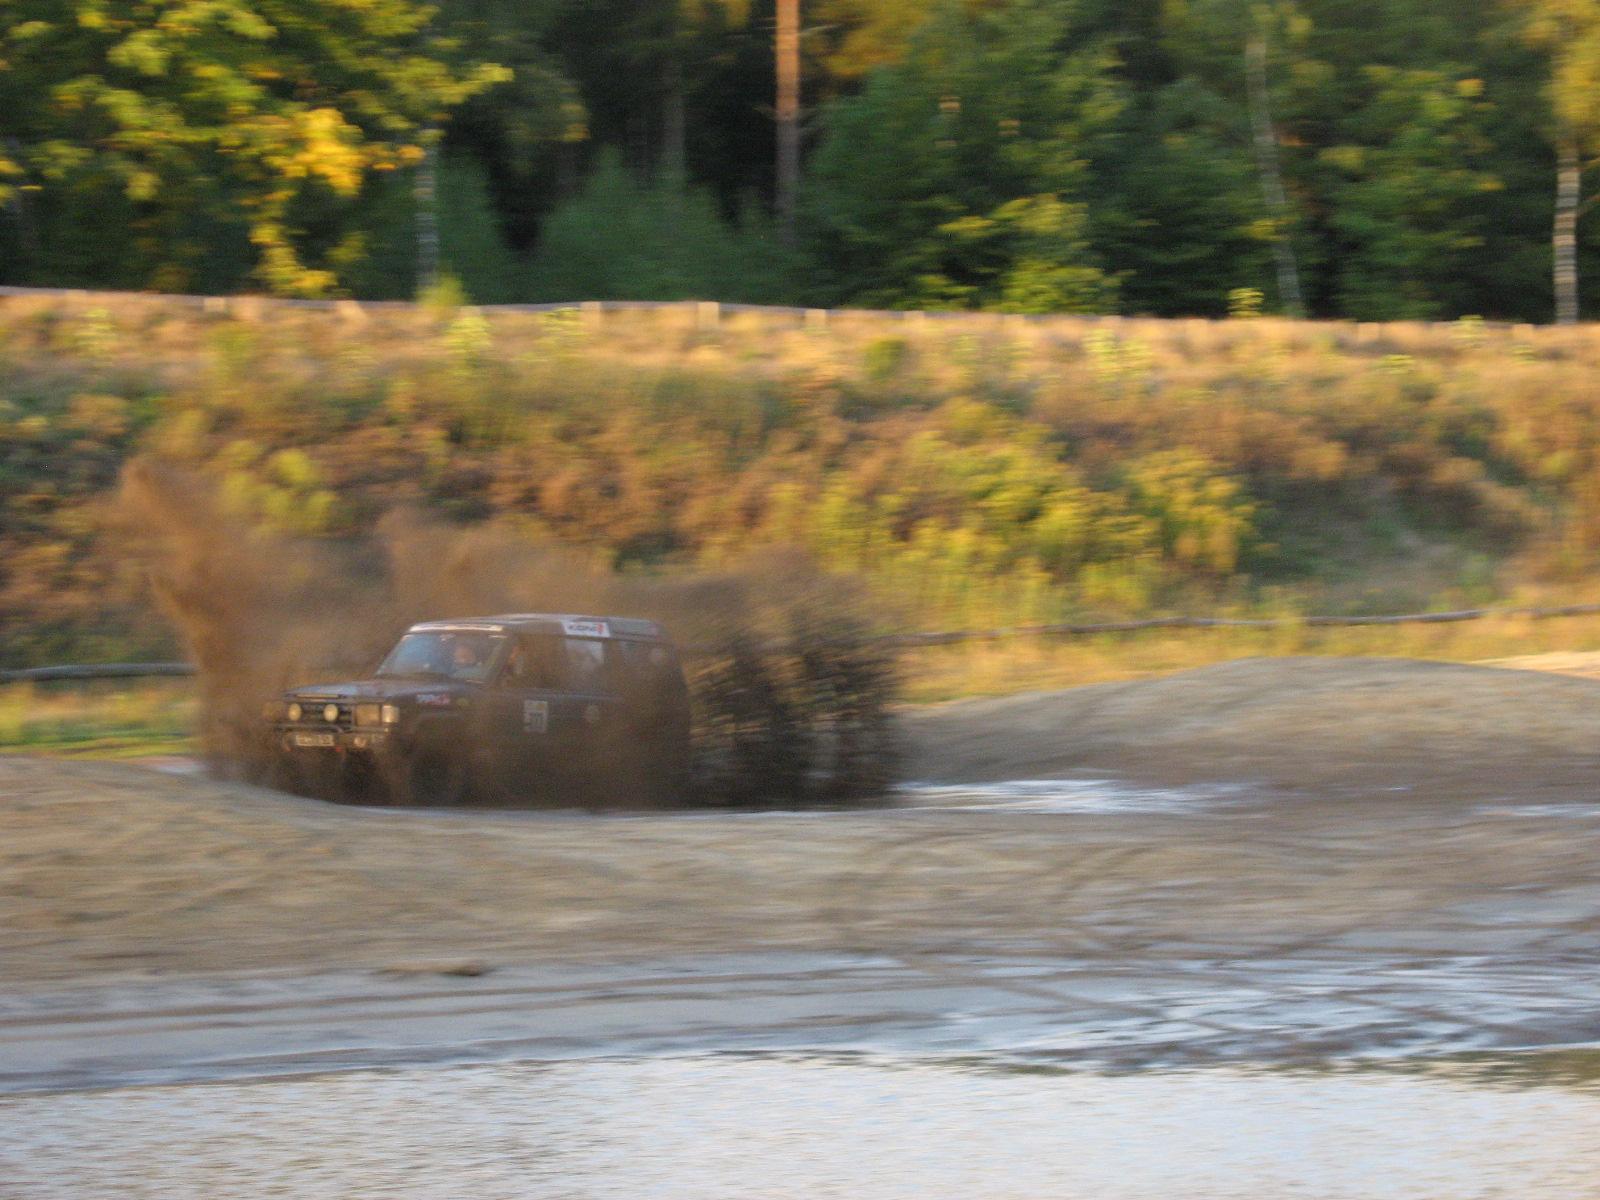 Programmpunkt Rallye-Taxi, 2012